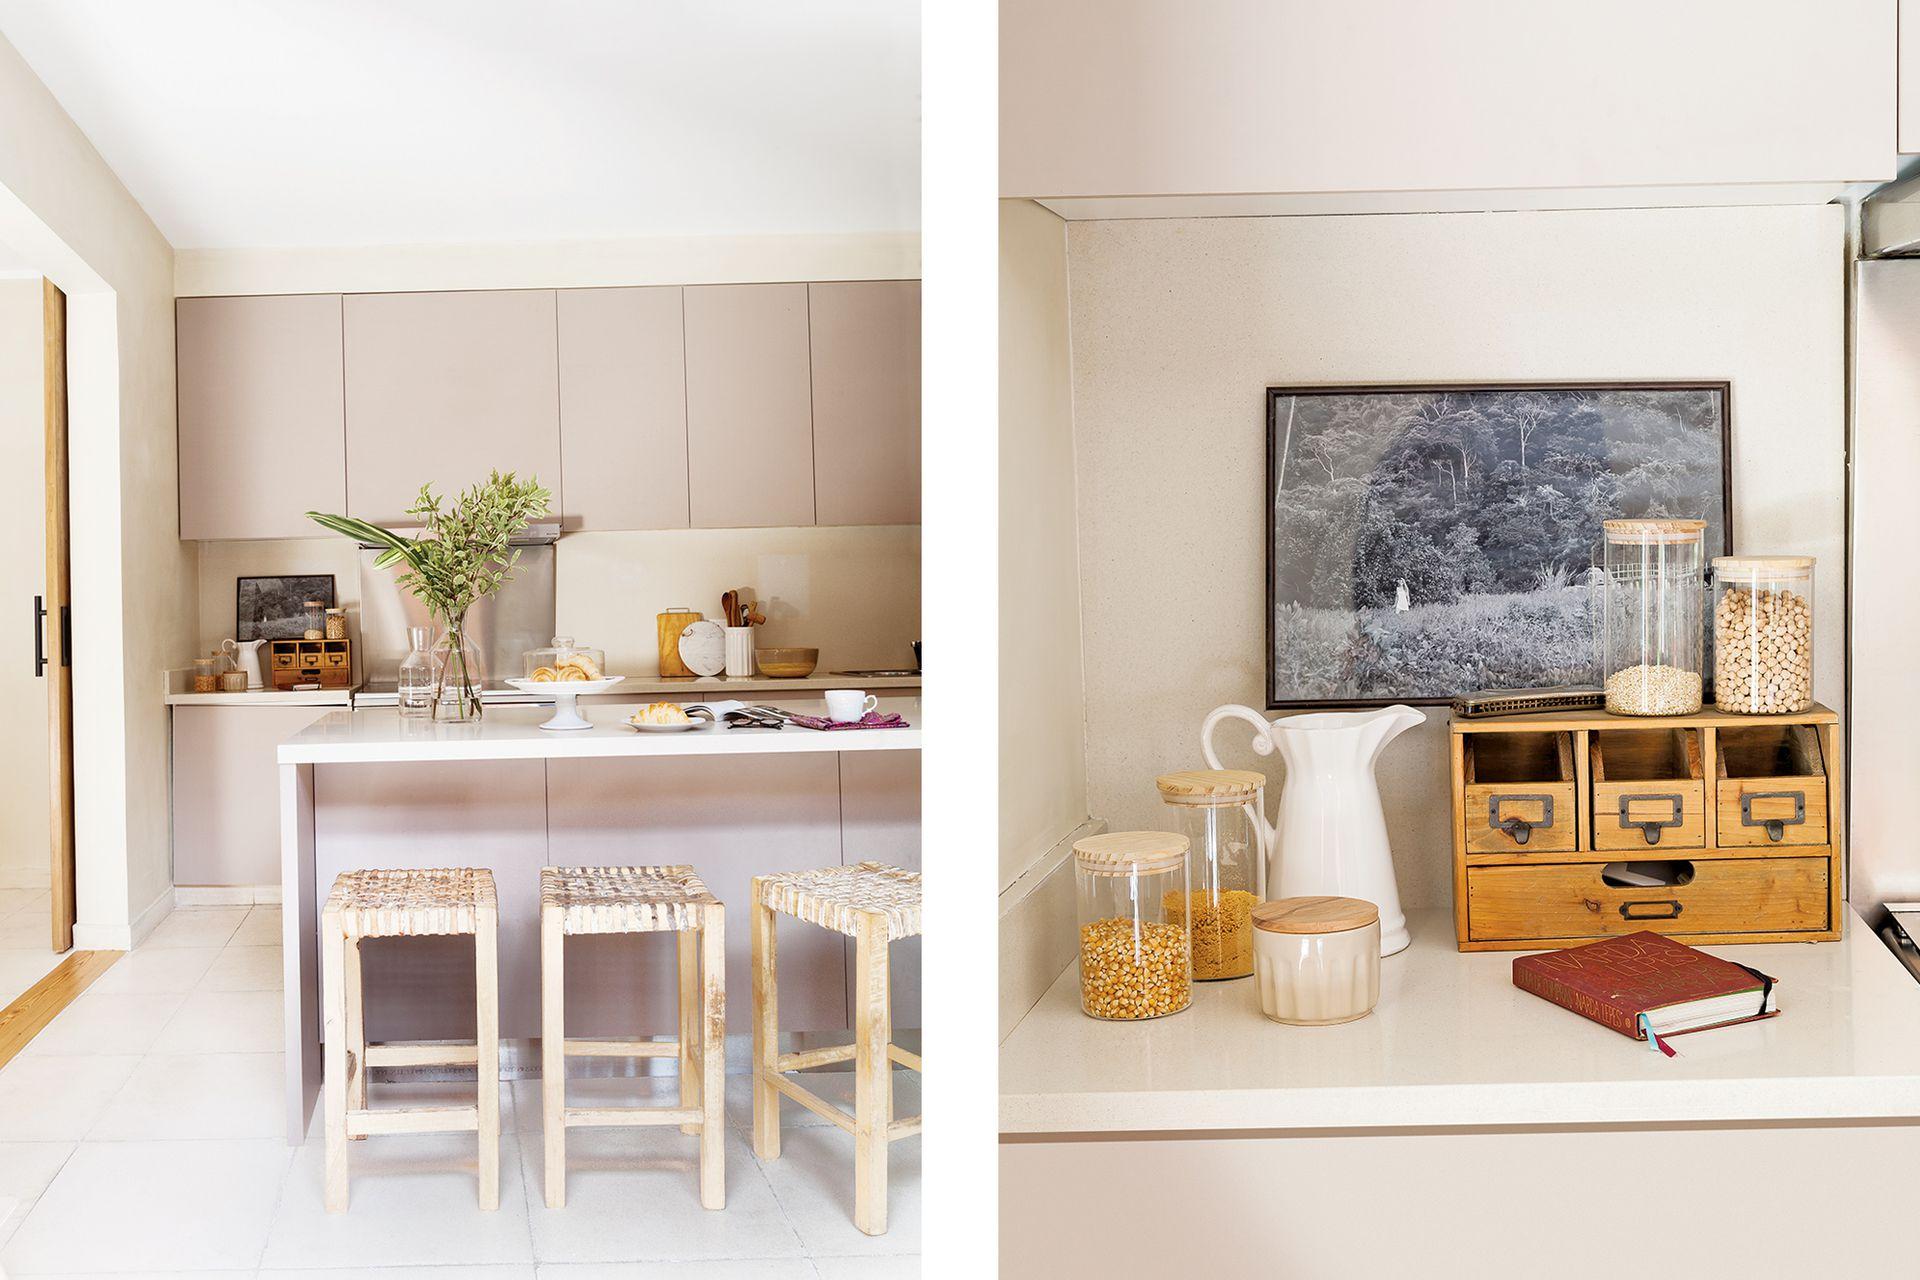 Muebles de cocina (Estudio Trama) de madera revestida en melamina Faplac línea 'Étnica' color 'Sahara' con mesada en Purastone 'Crema Pisa'.